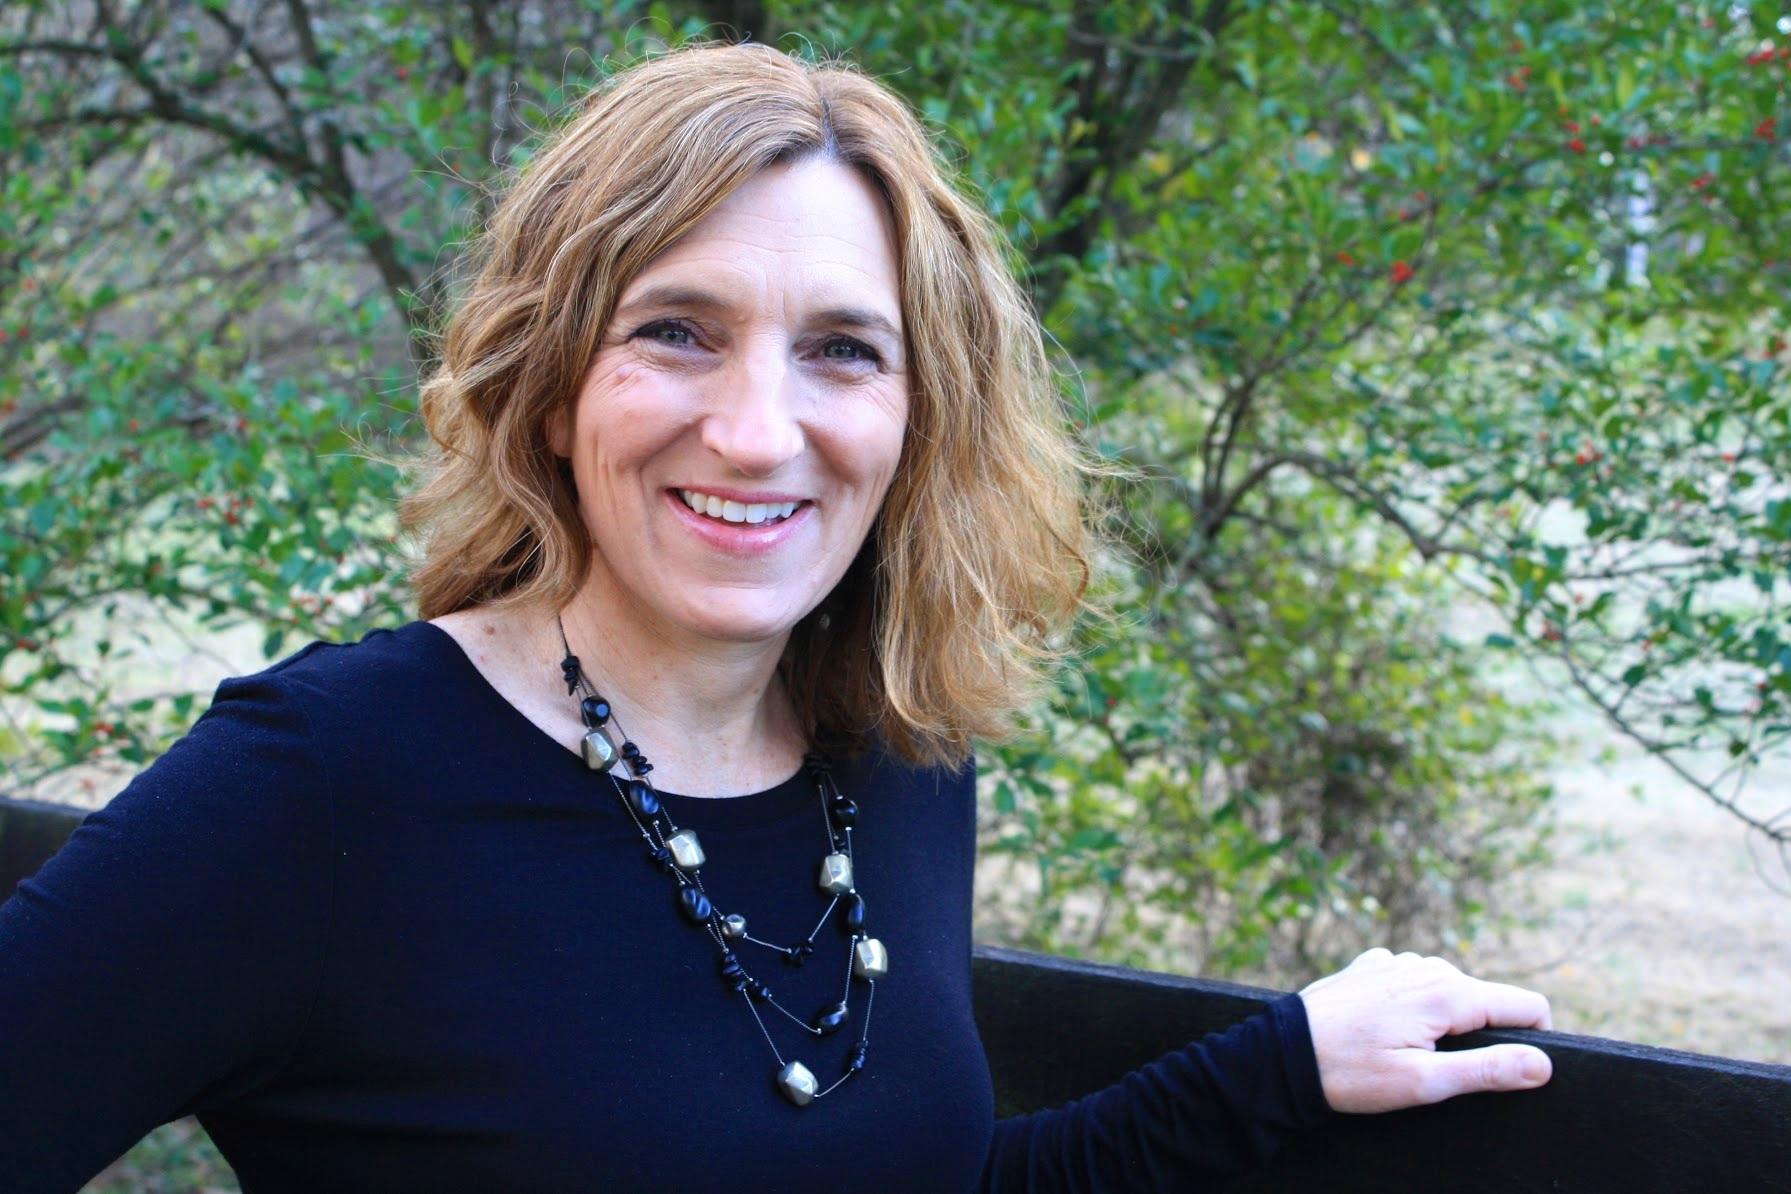 SusannahMacmillanCityCommissioner.jpg